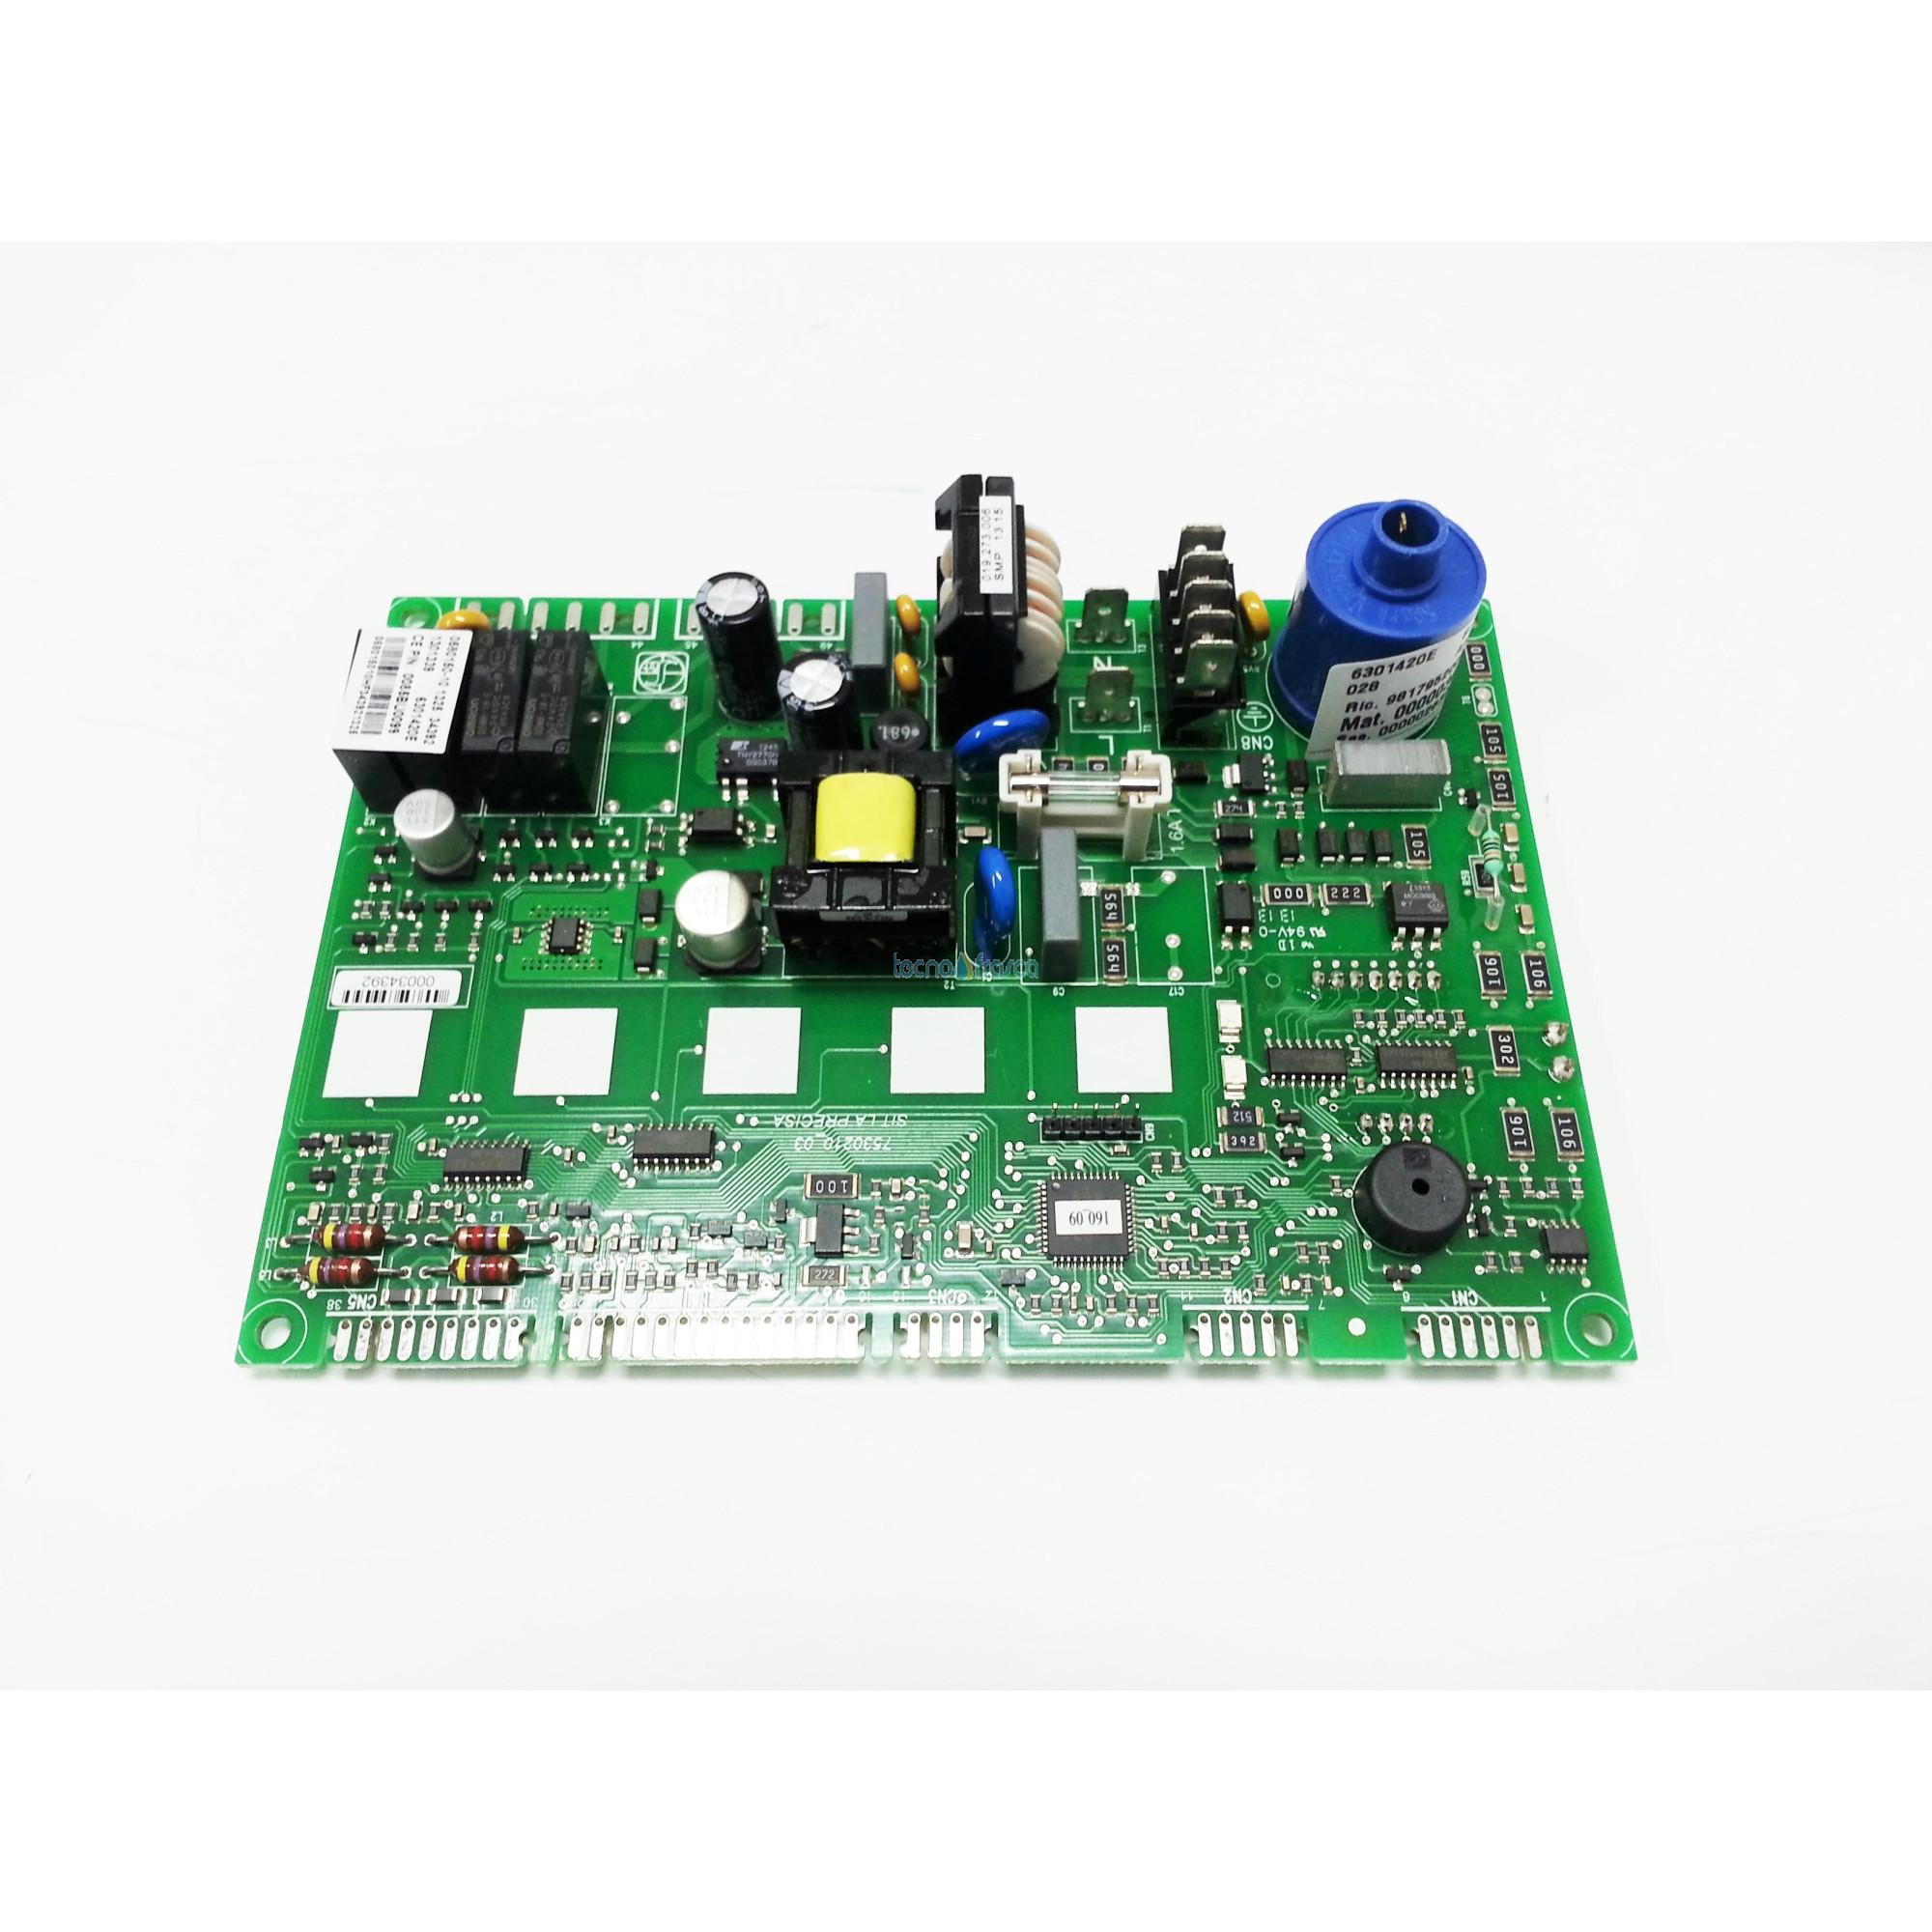 Sime scheda elettronica 6301420 sostituito da 6301440d